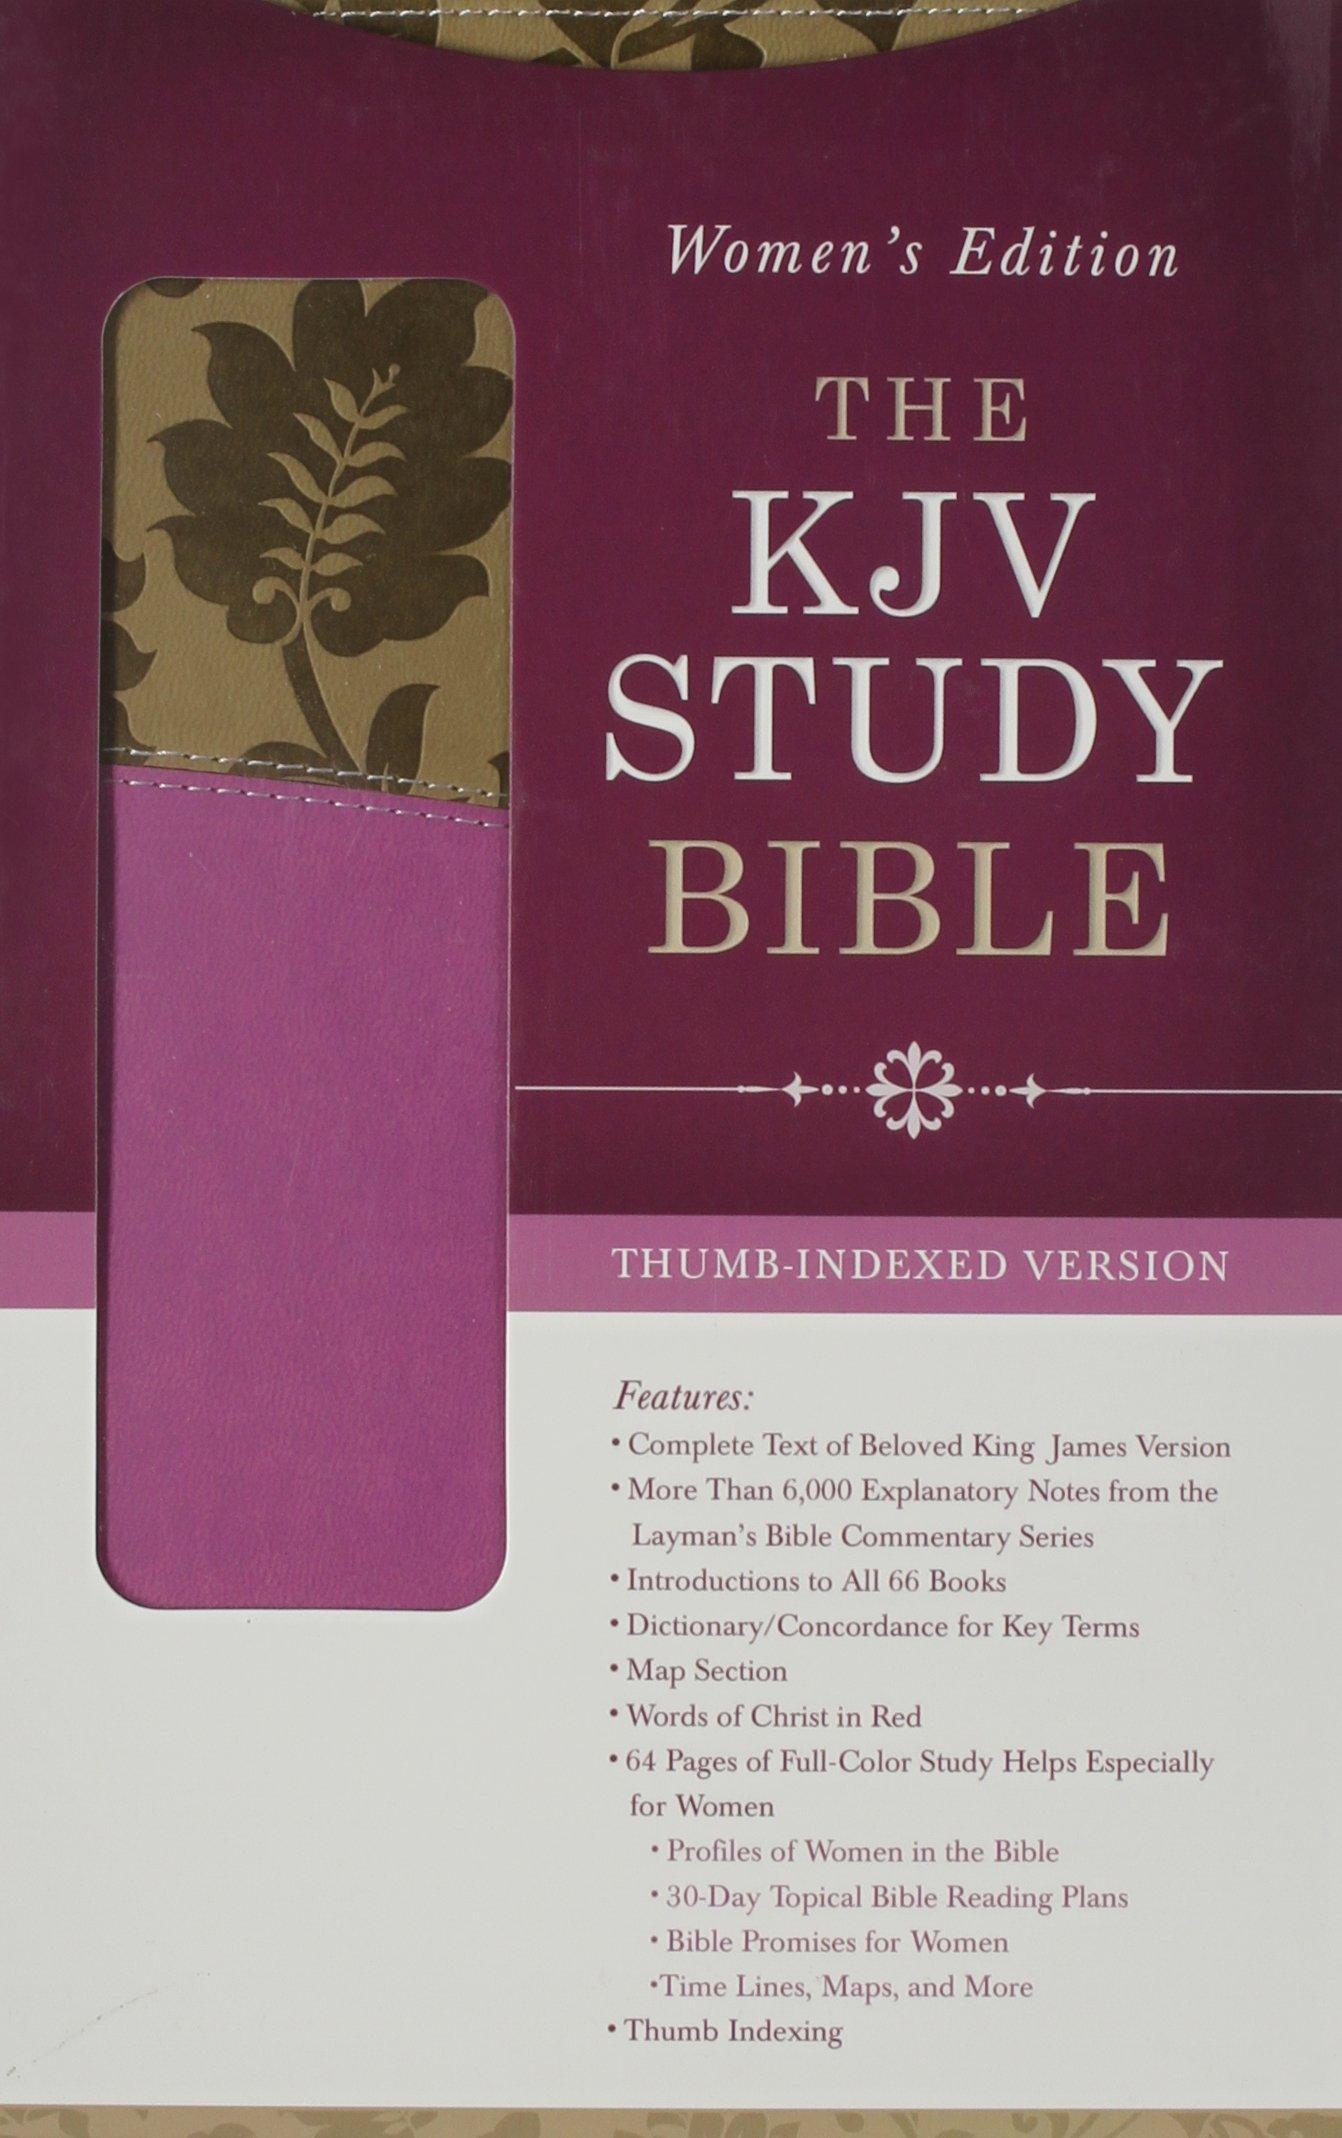 KJV Study Bible King James product image